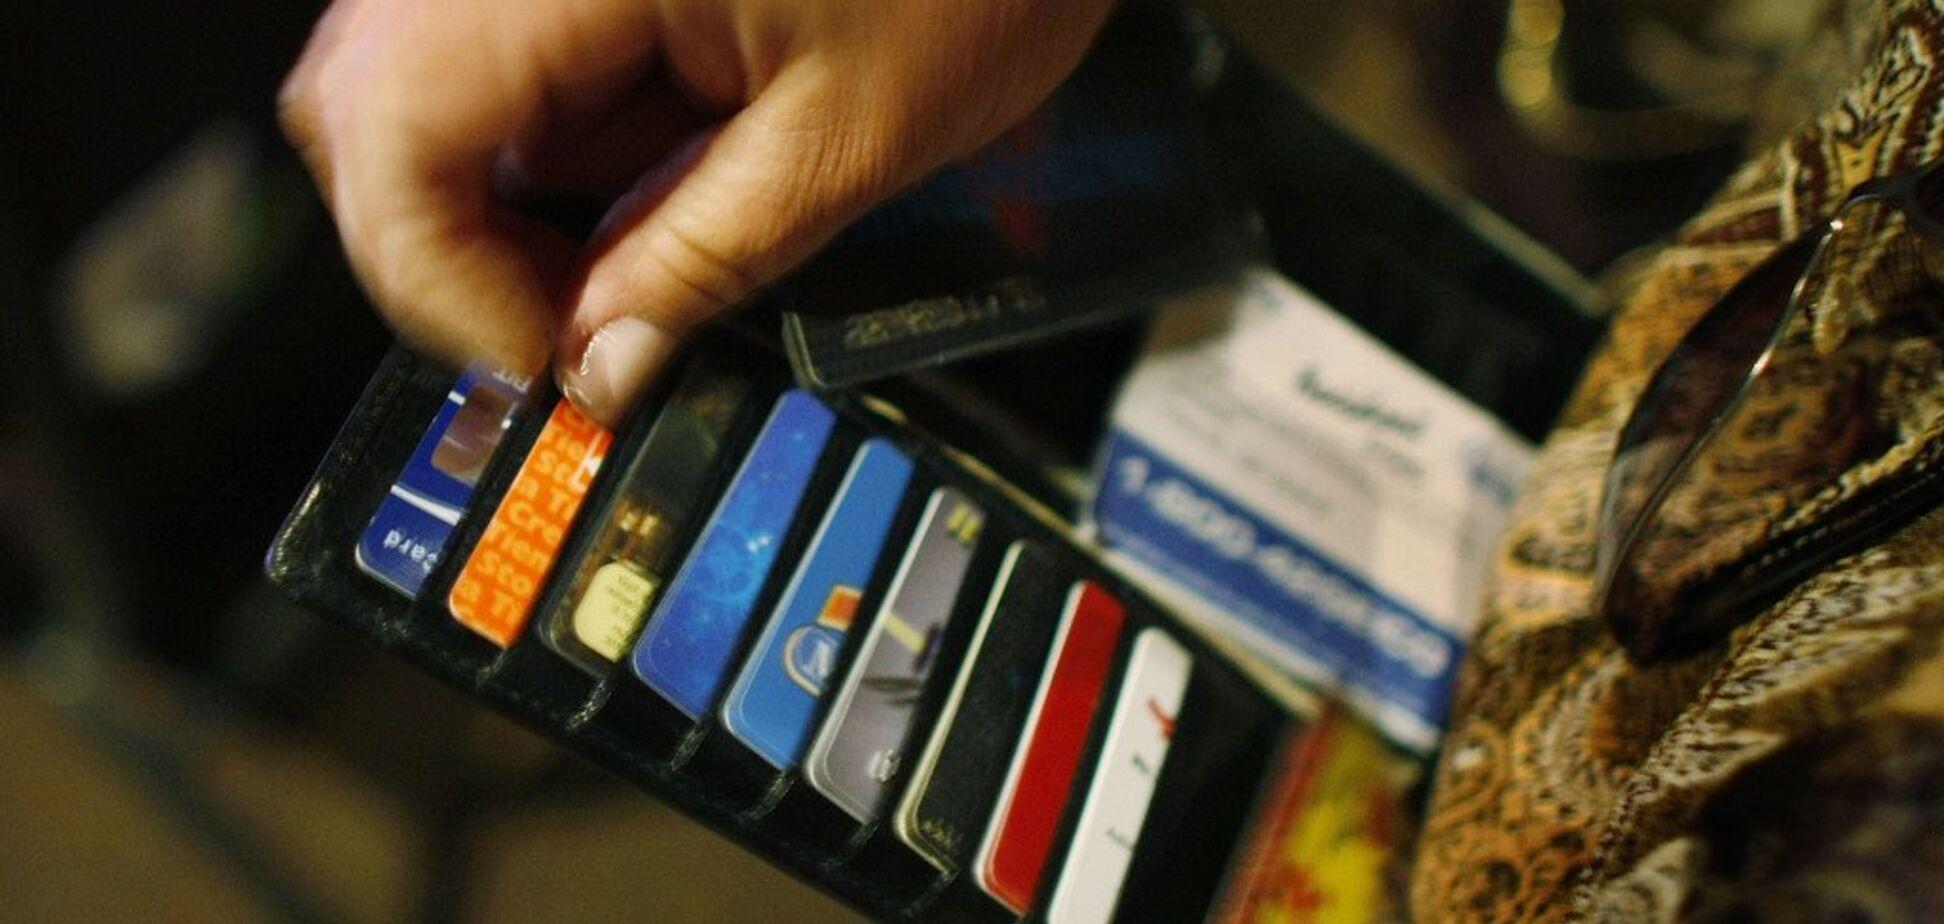 Нацбанк отменил скандальный запрет для ФЛП: что обещают взамен